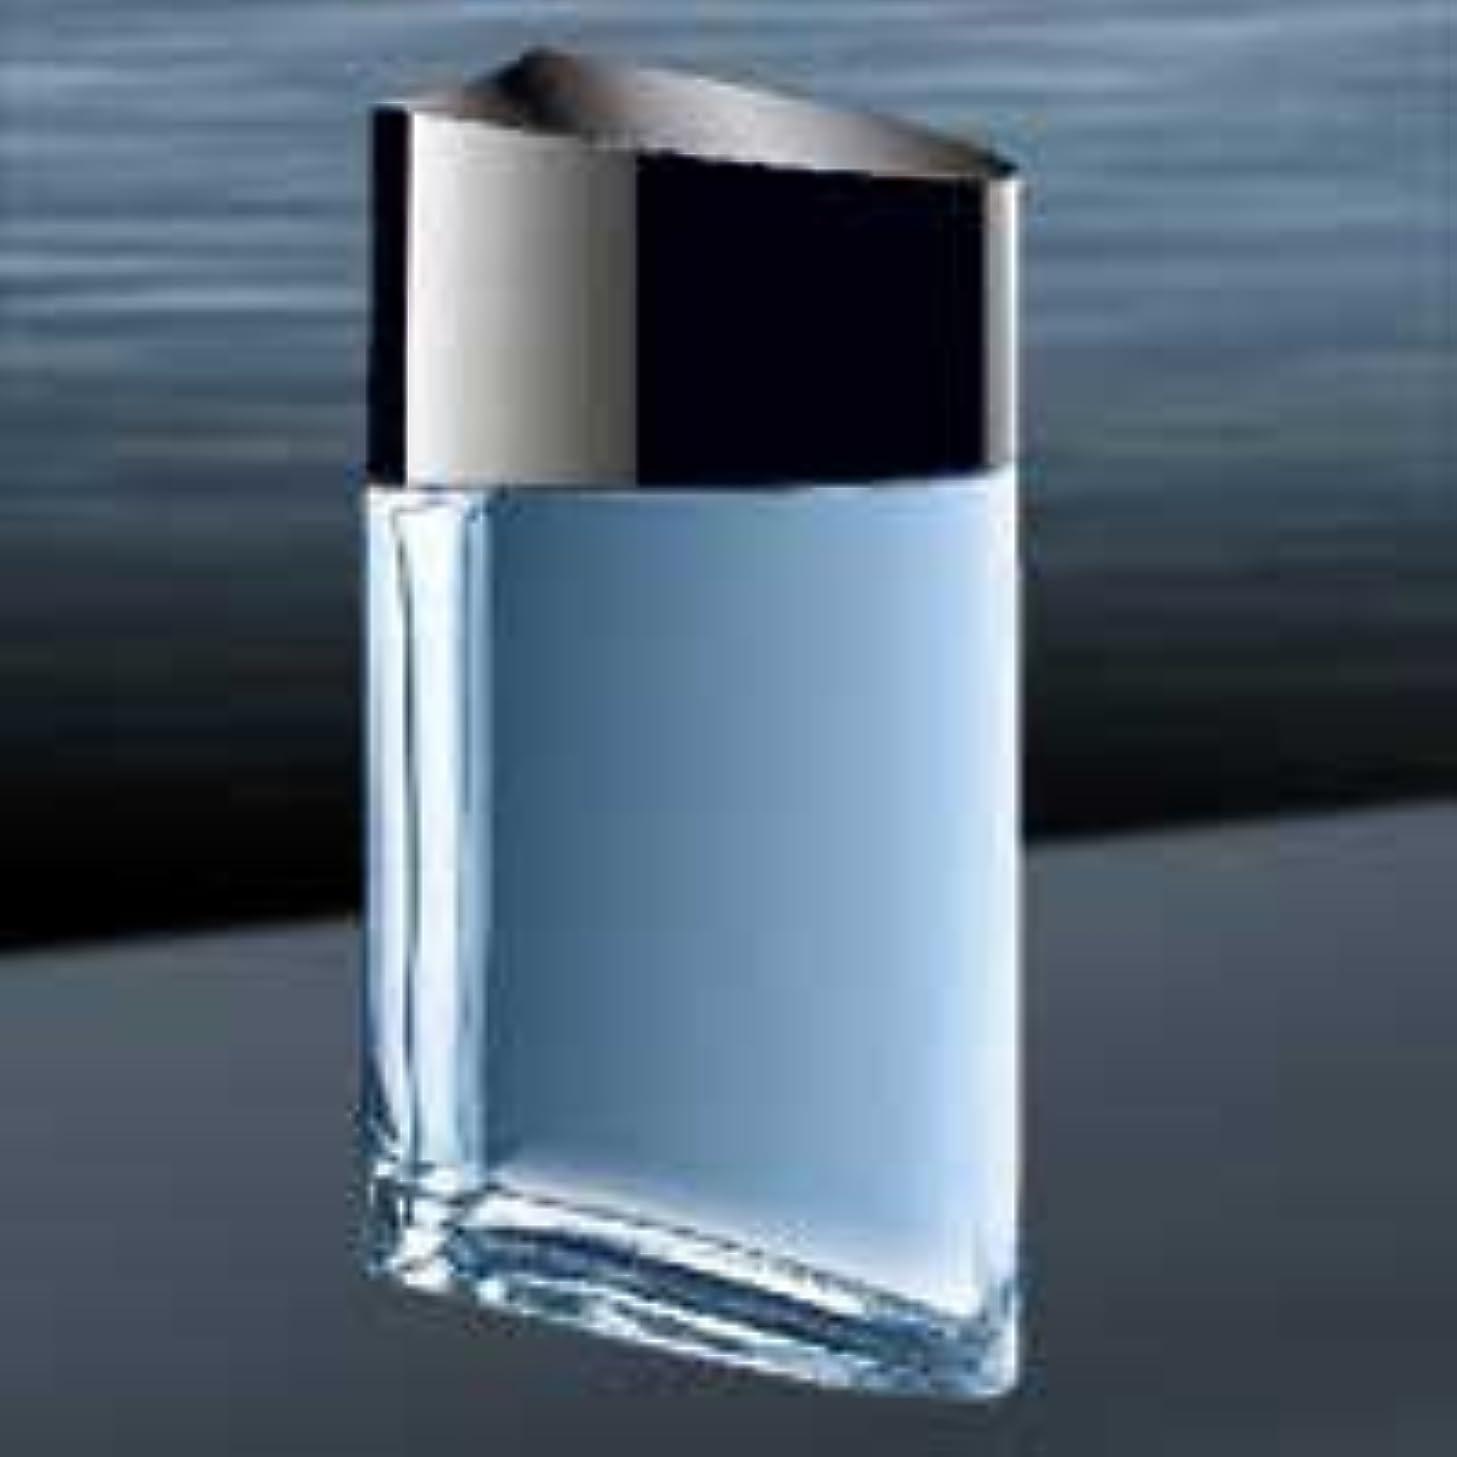 手おとうさんマリンAzzaro Visit(アザロビジット) 3.4 oz (100ml) EDT Spray by Loris Azzaro for Men